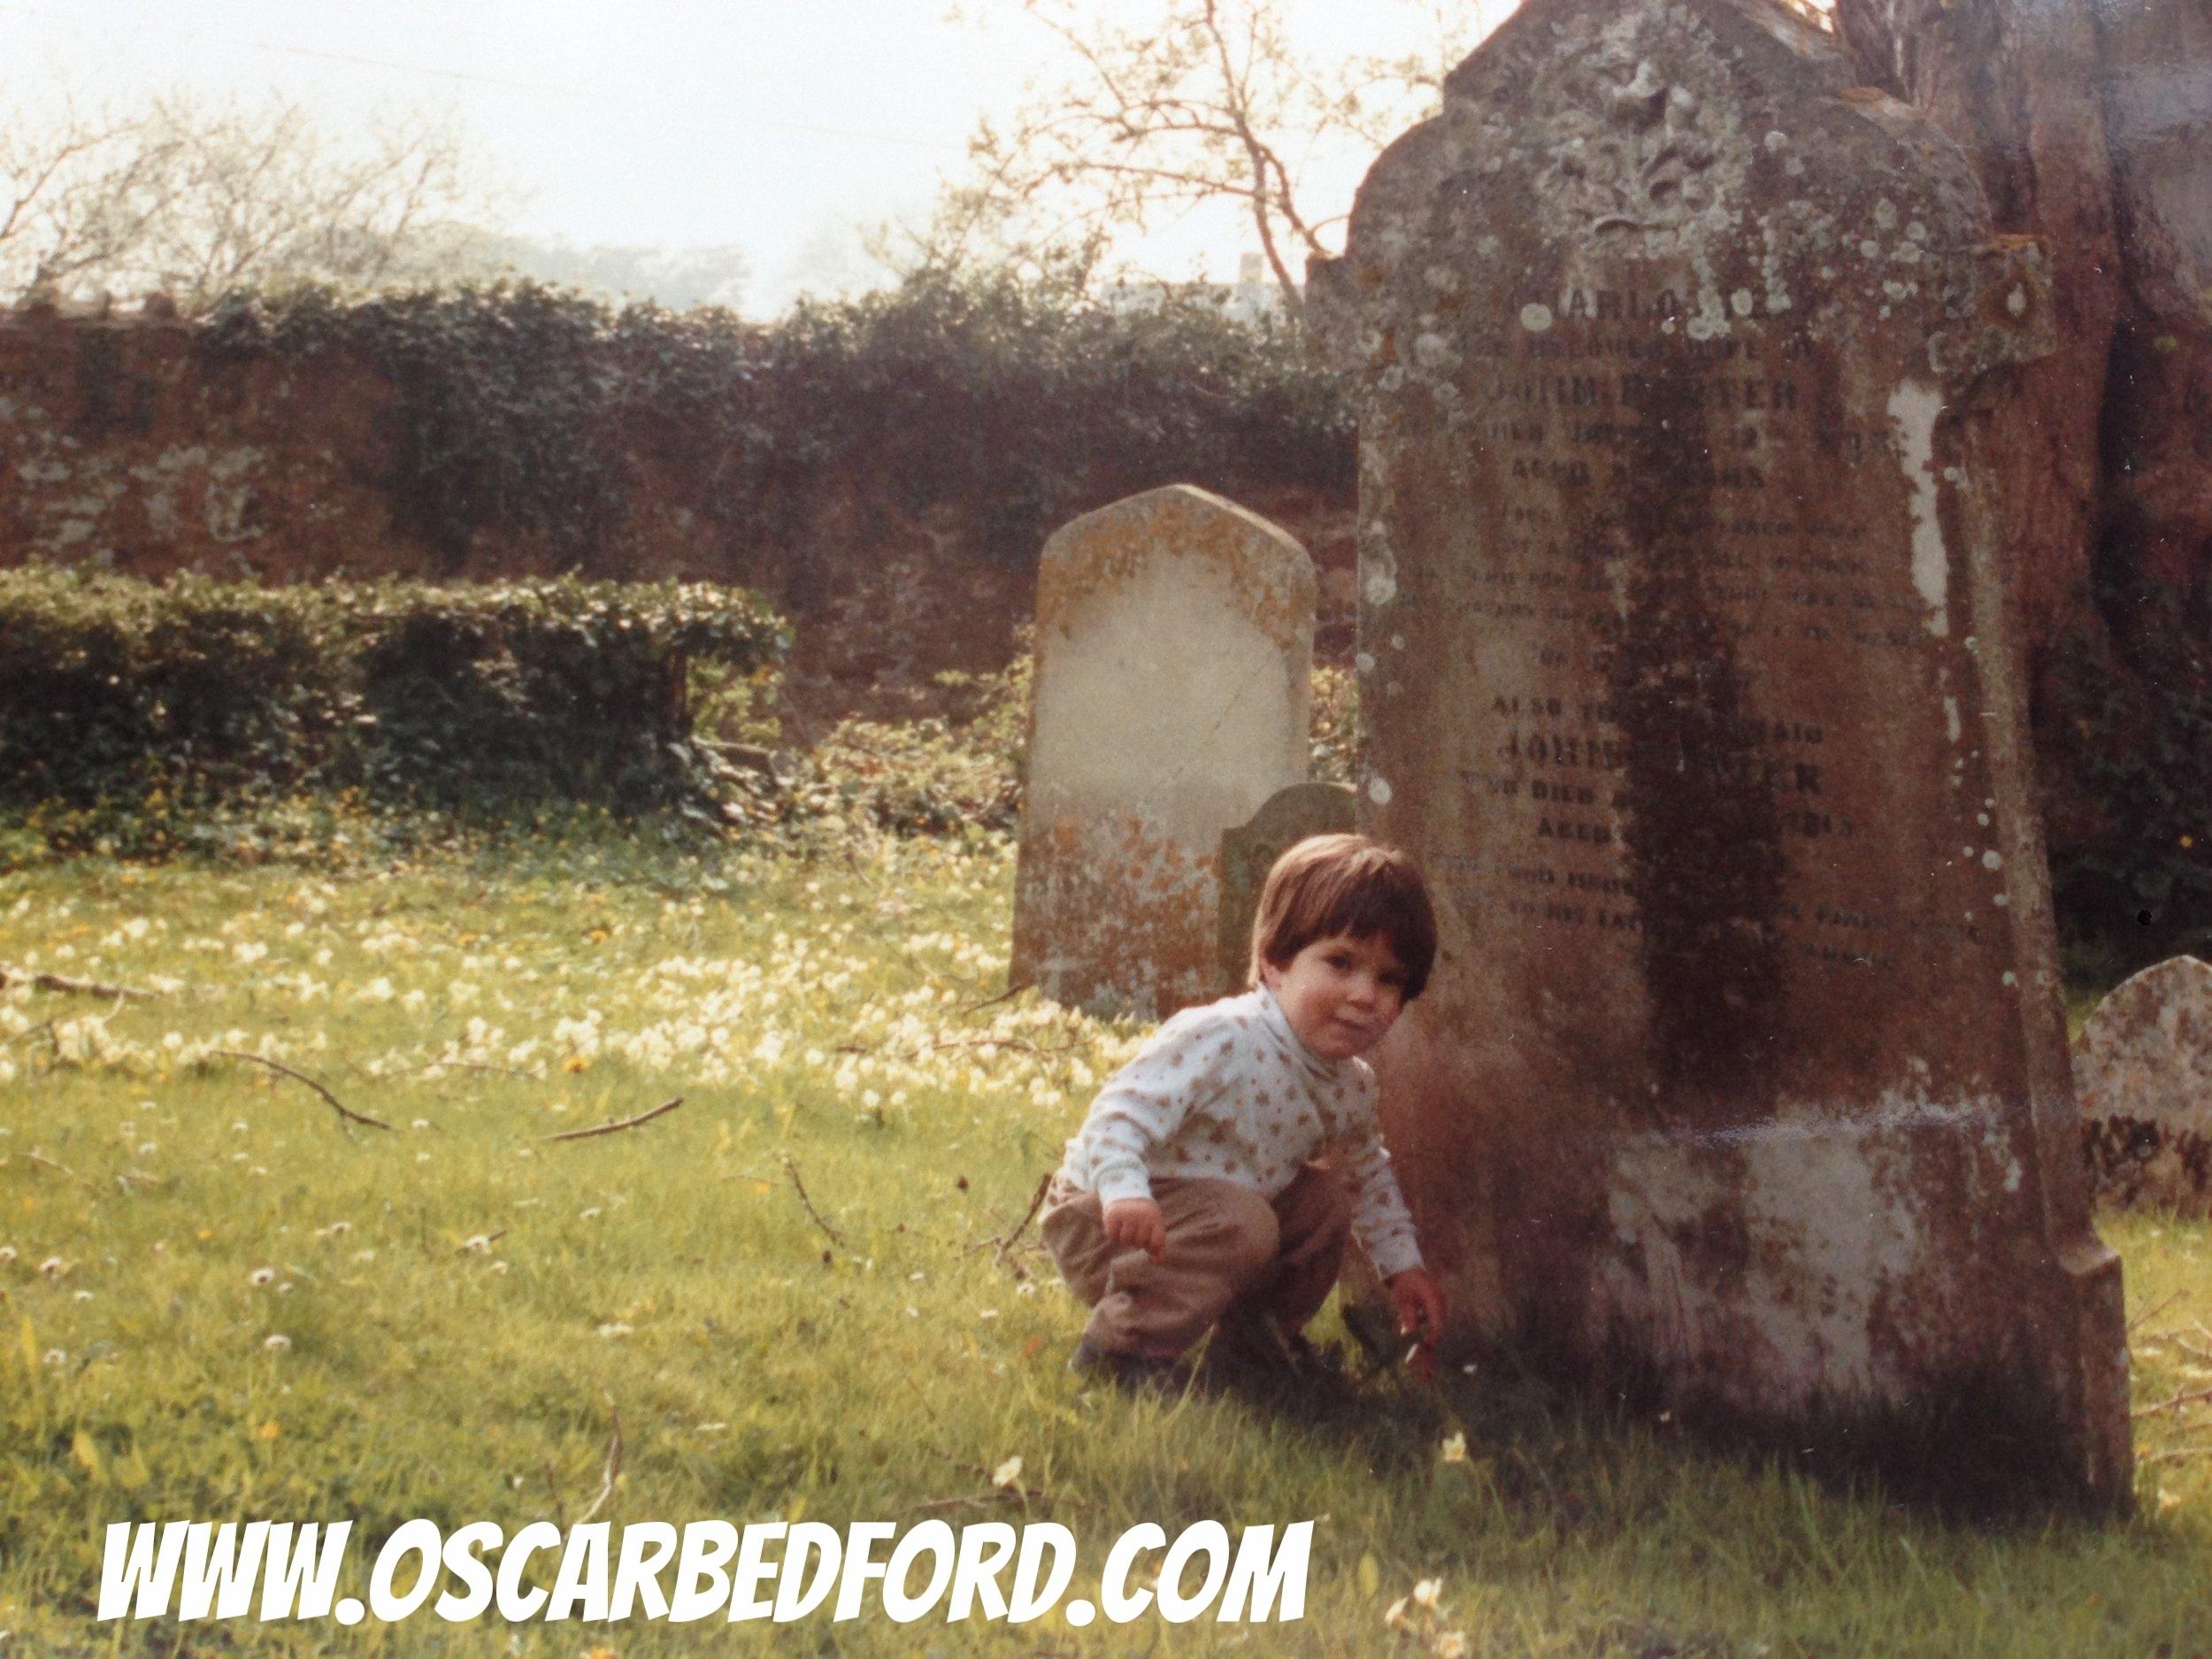 www.oscarbedford.com